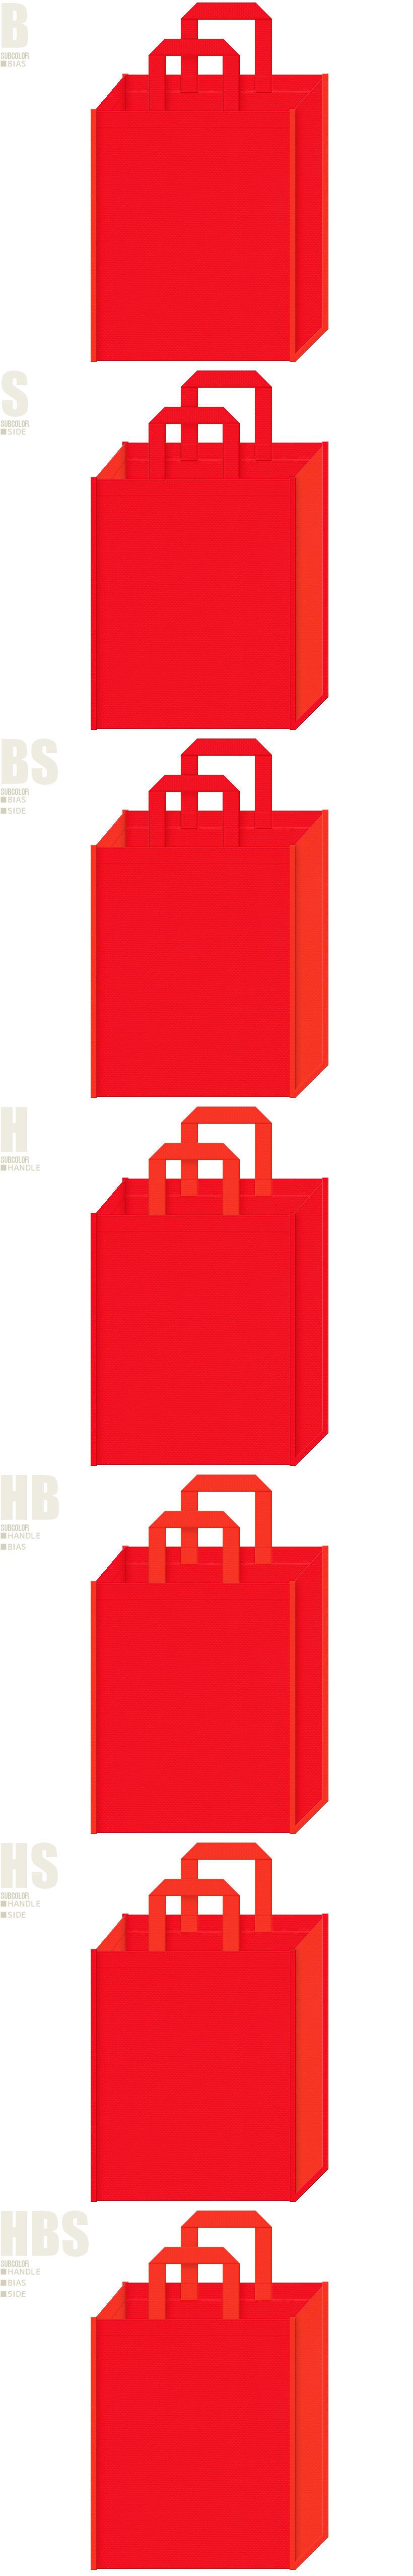 赤色とオレンジ色、7パターンの不織布トートバッグ配色デザイン例。